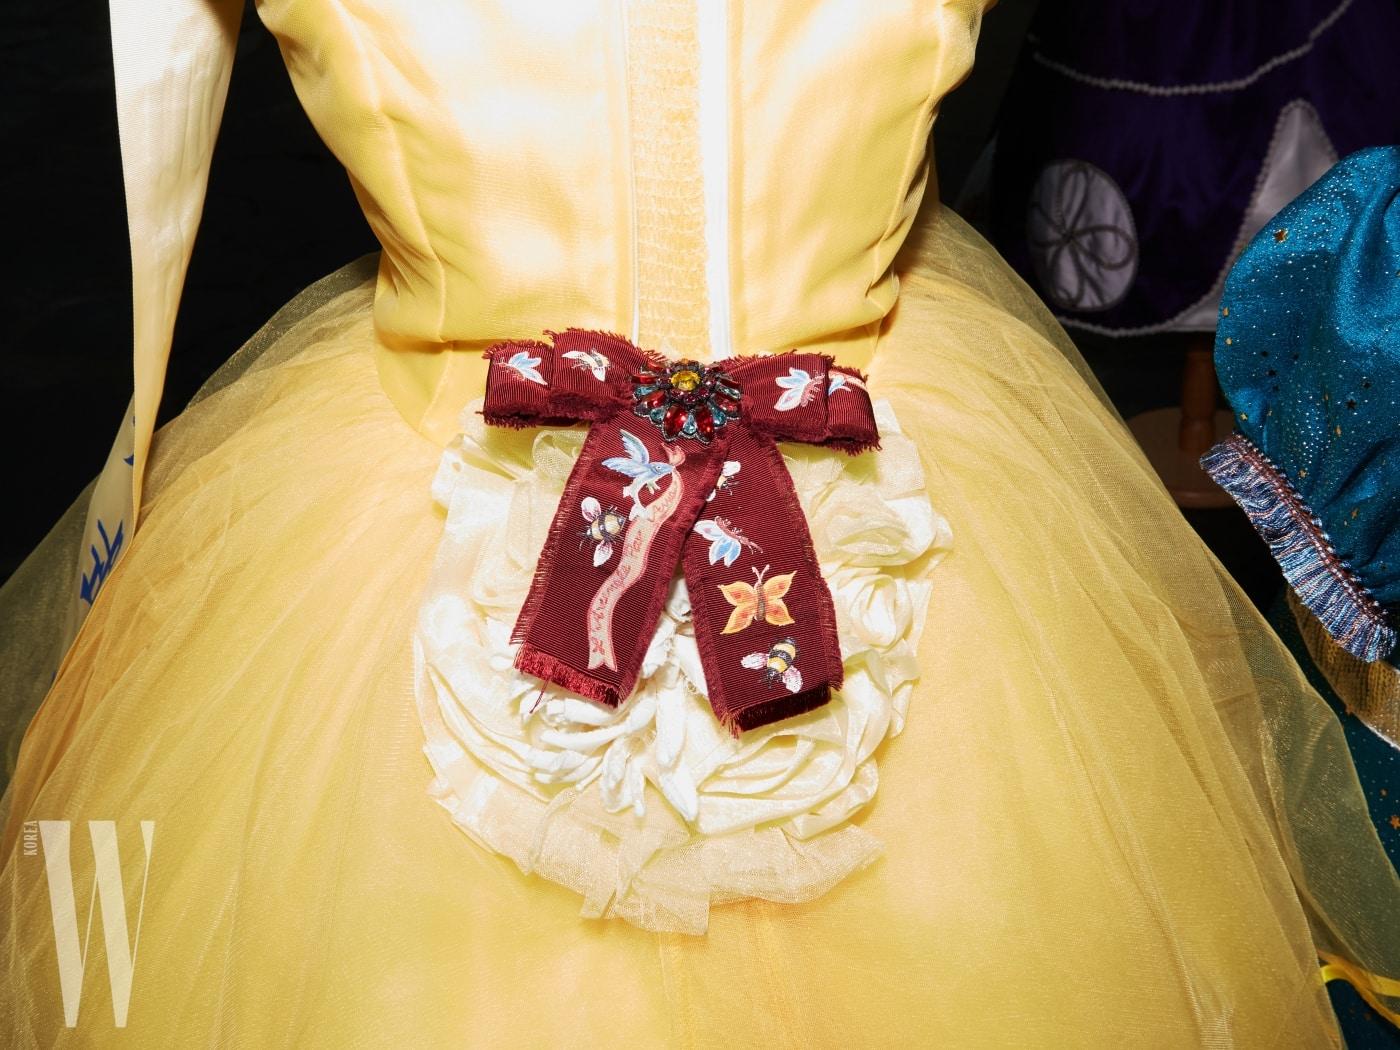 풍성한 드레스에 달아놓은 리본 브로치는 구찌 제품. 55만원.